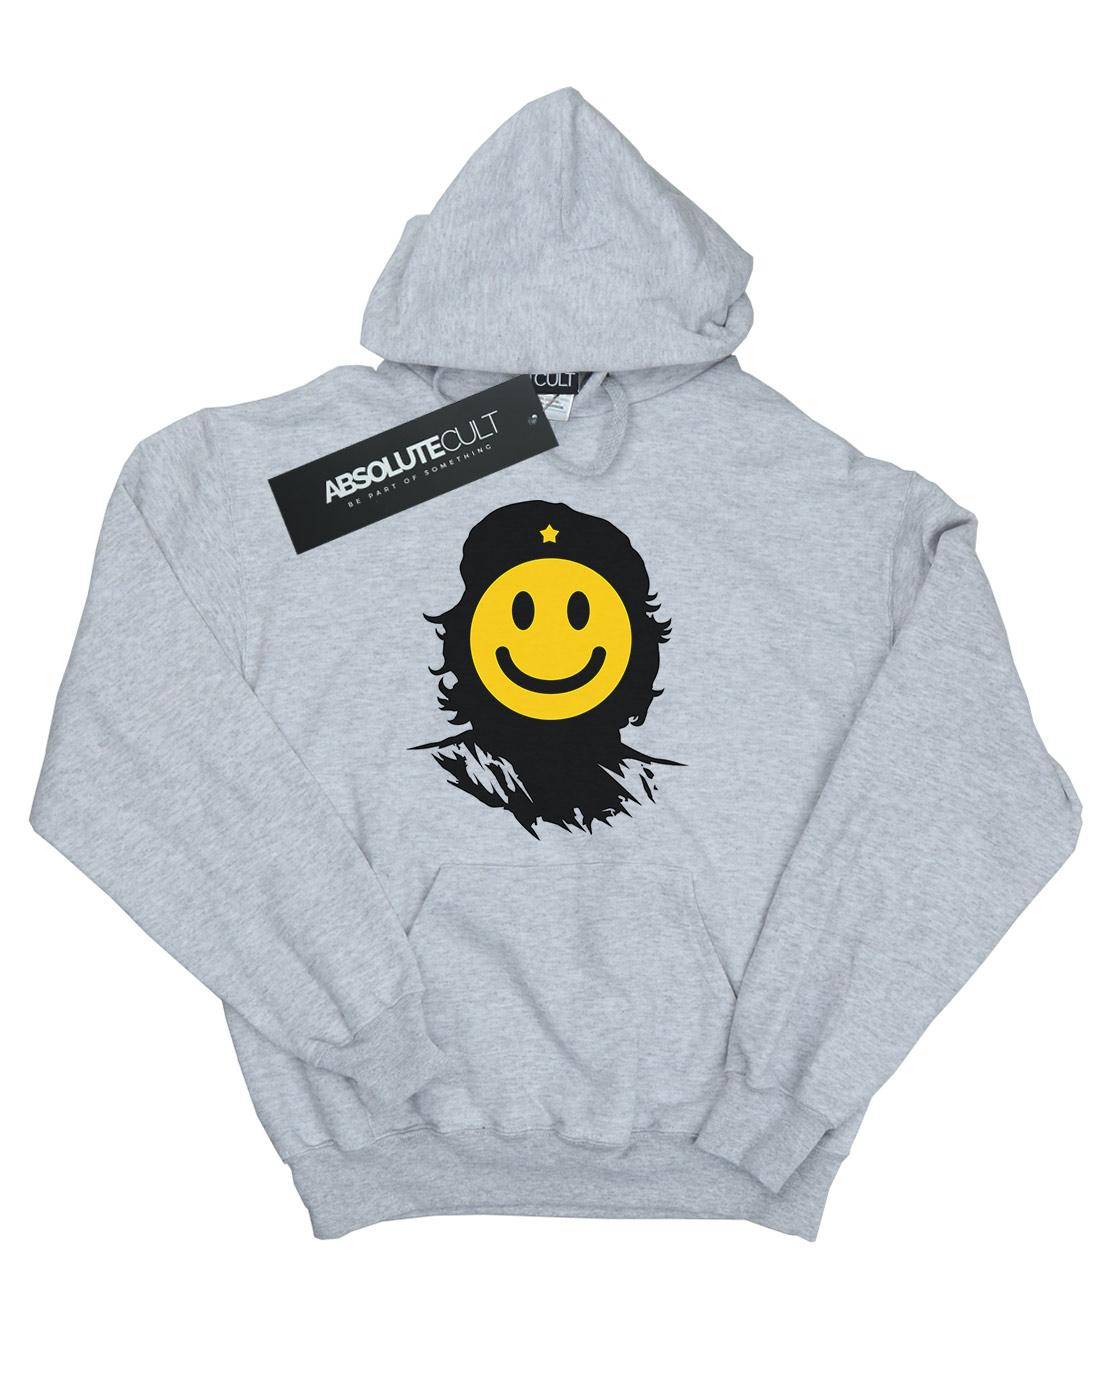 Drewbacca Herren Che Smiley Kapuzenpullover  | München Online Online Online Shop  | Moderne Technologie  | Schöne Farbe  640ff7